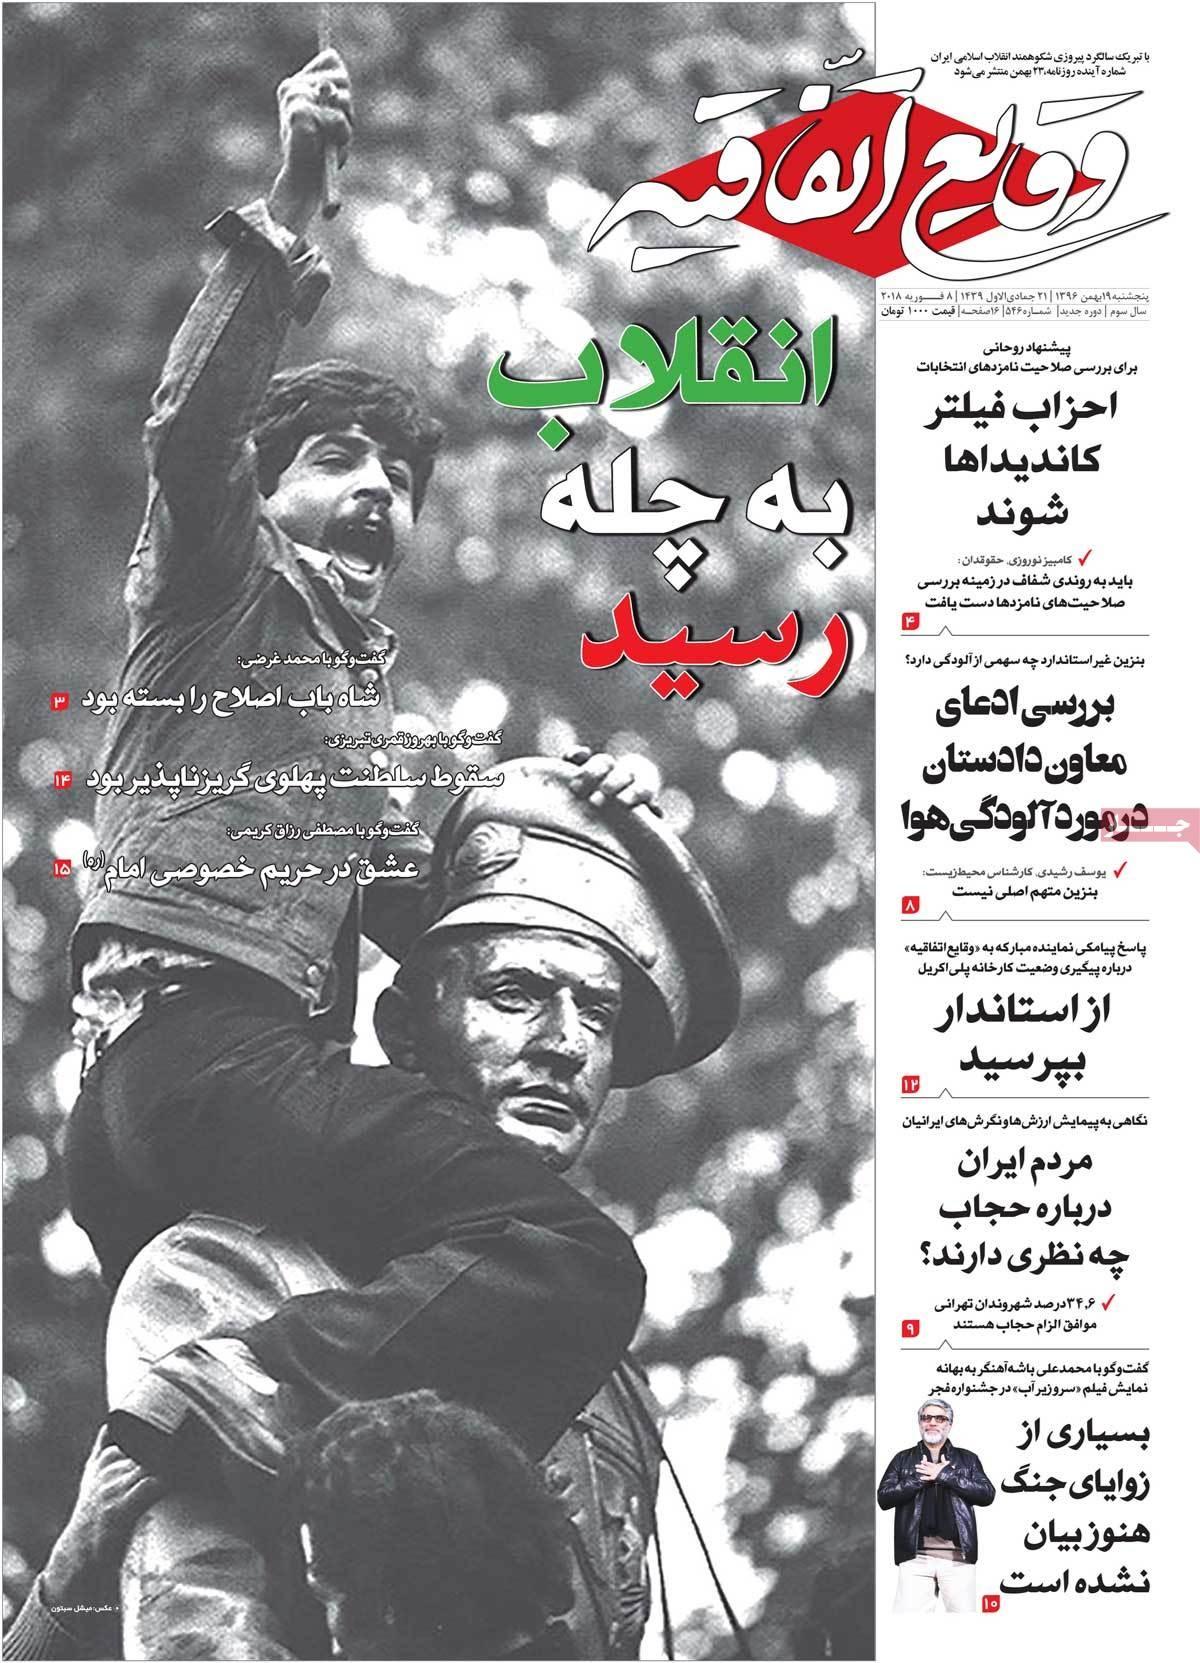 روزنامه های 19ام بهمن